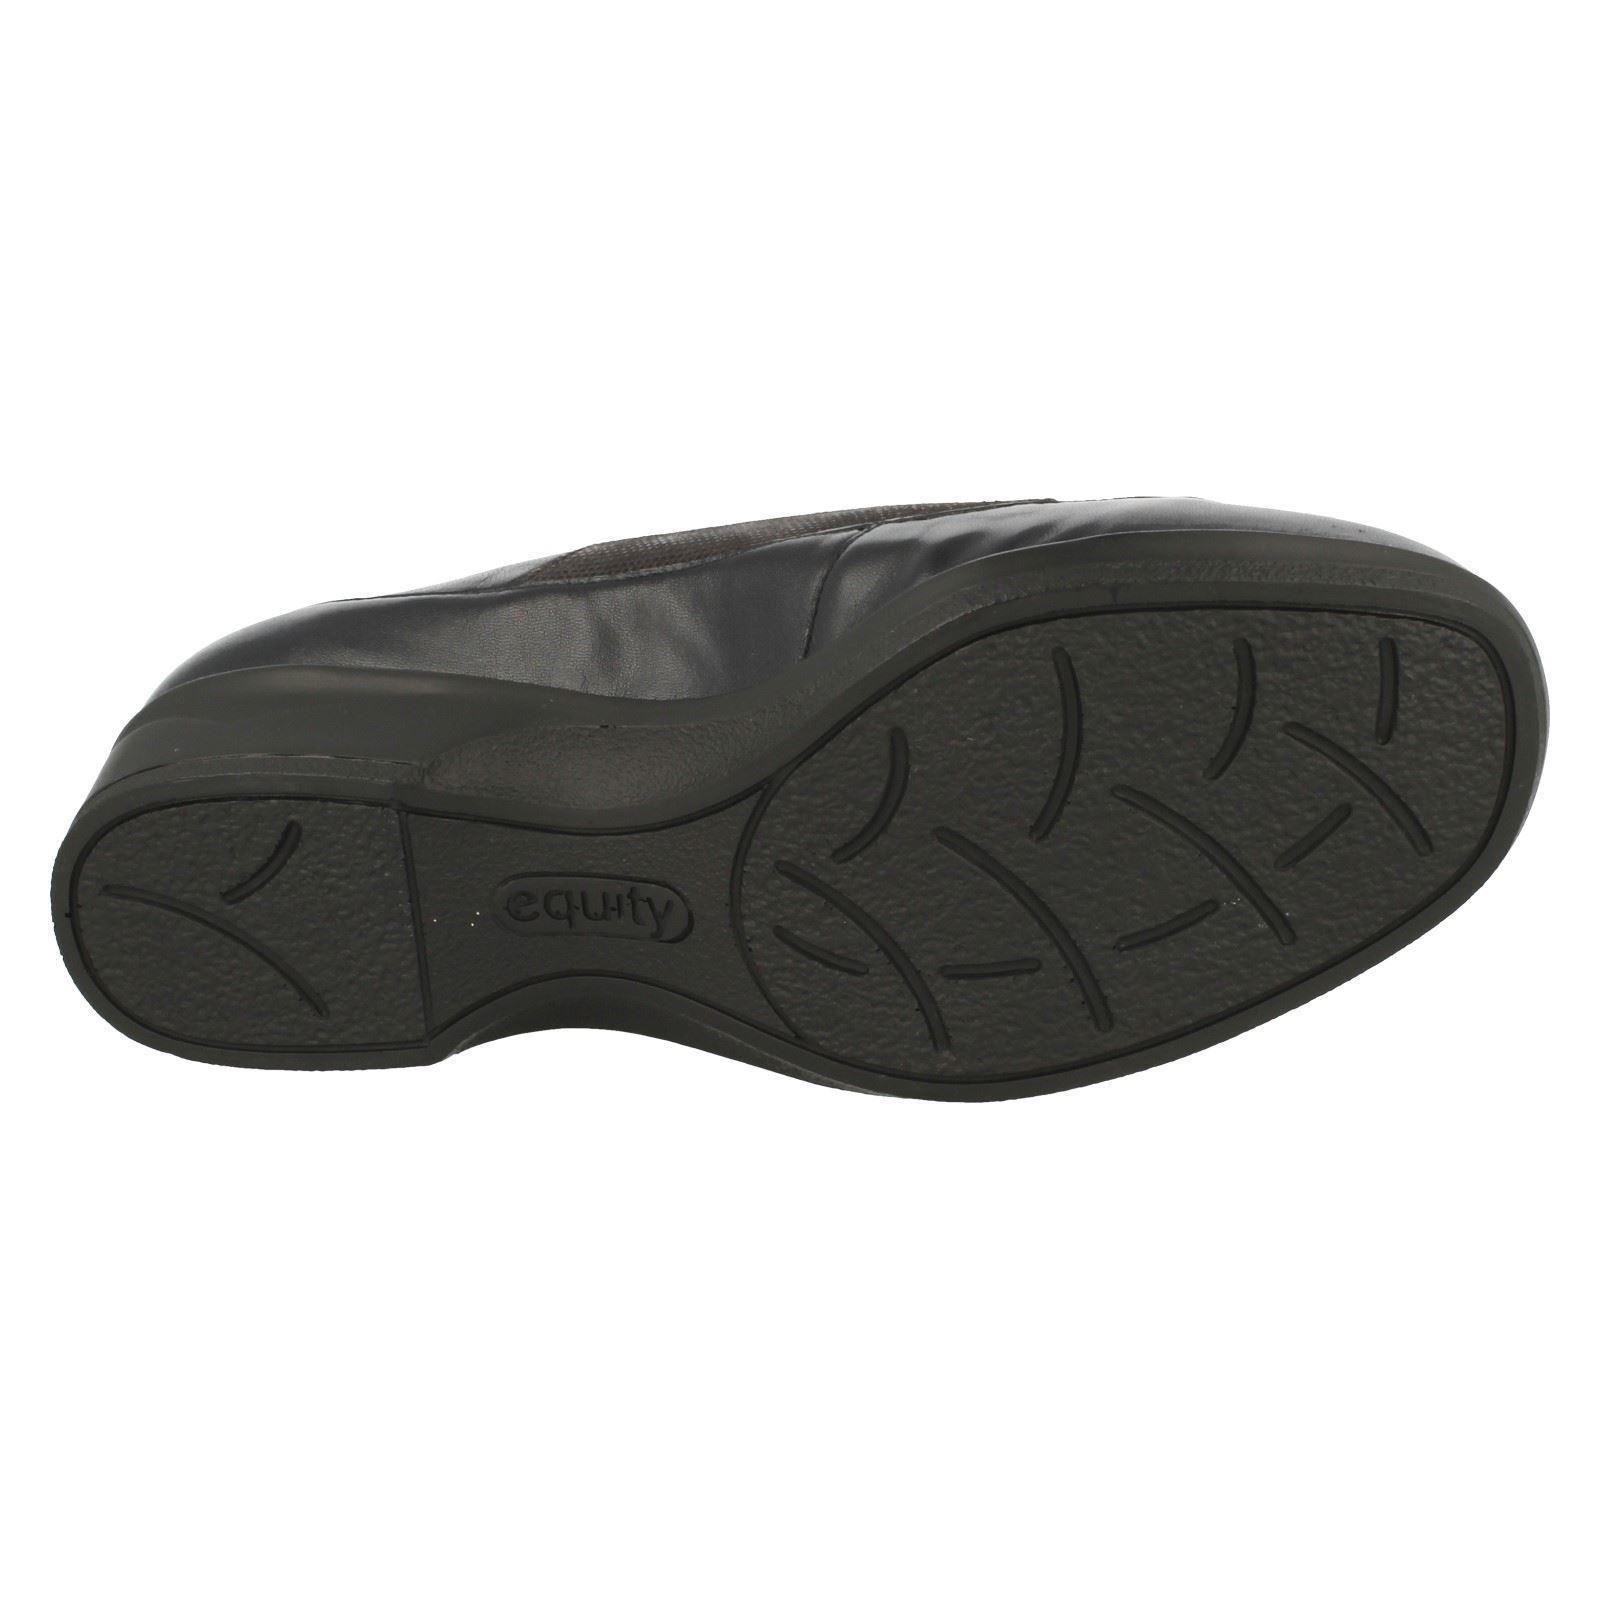 Damas-Equity-Horma-Ancha-Zapatos-039-ROSE